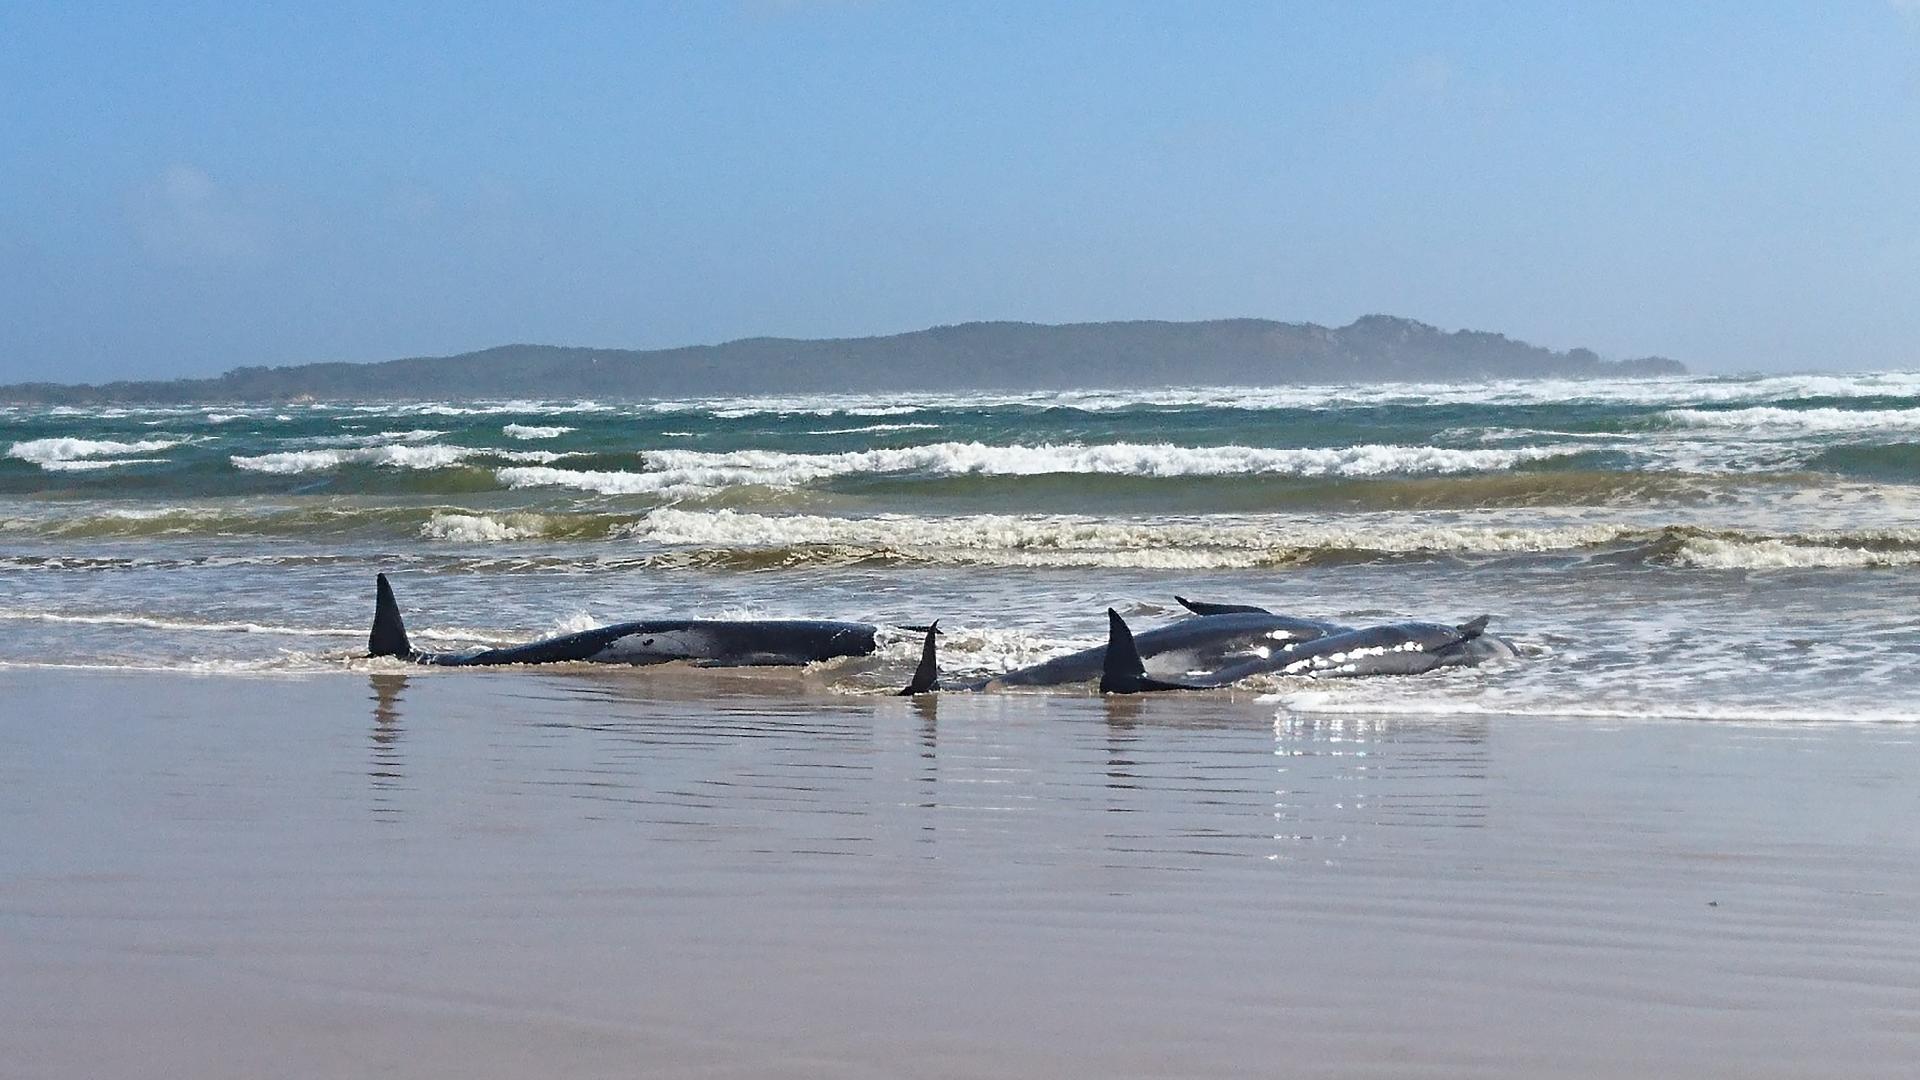 Quase 100 baleias-piloto morrem encalhadas em massa nas ilhas da Nova Zelândia